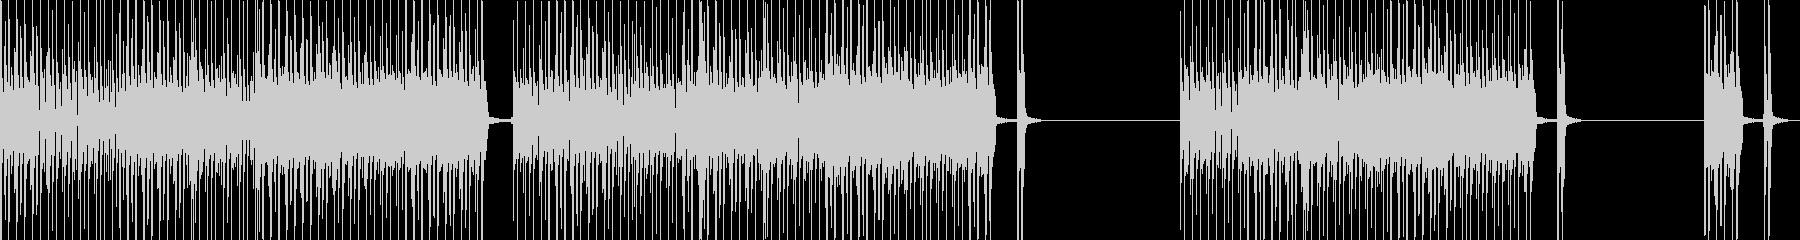 スピード感ある響きが綺麗なメロディーの未再生の波形